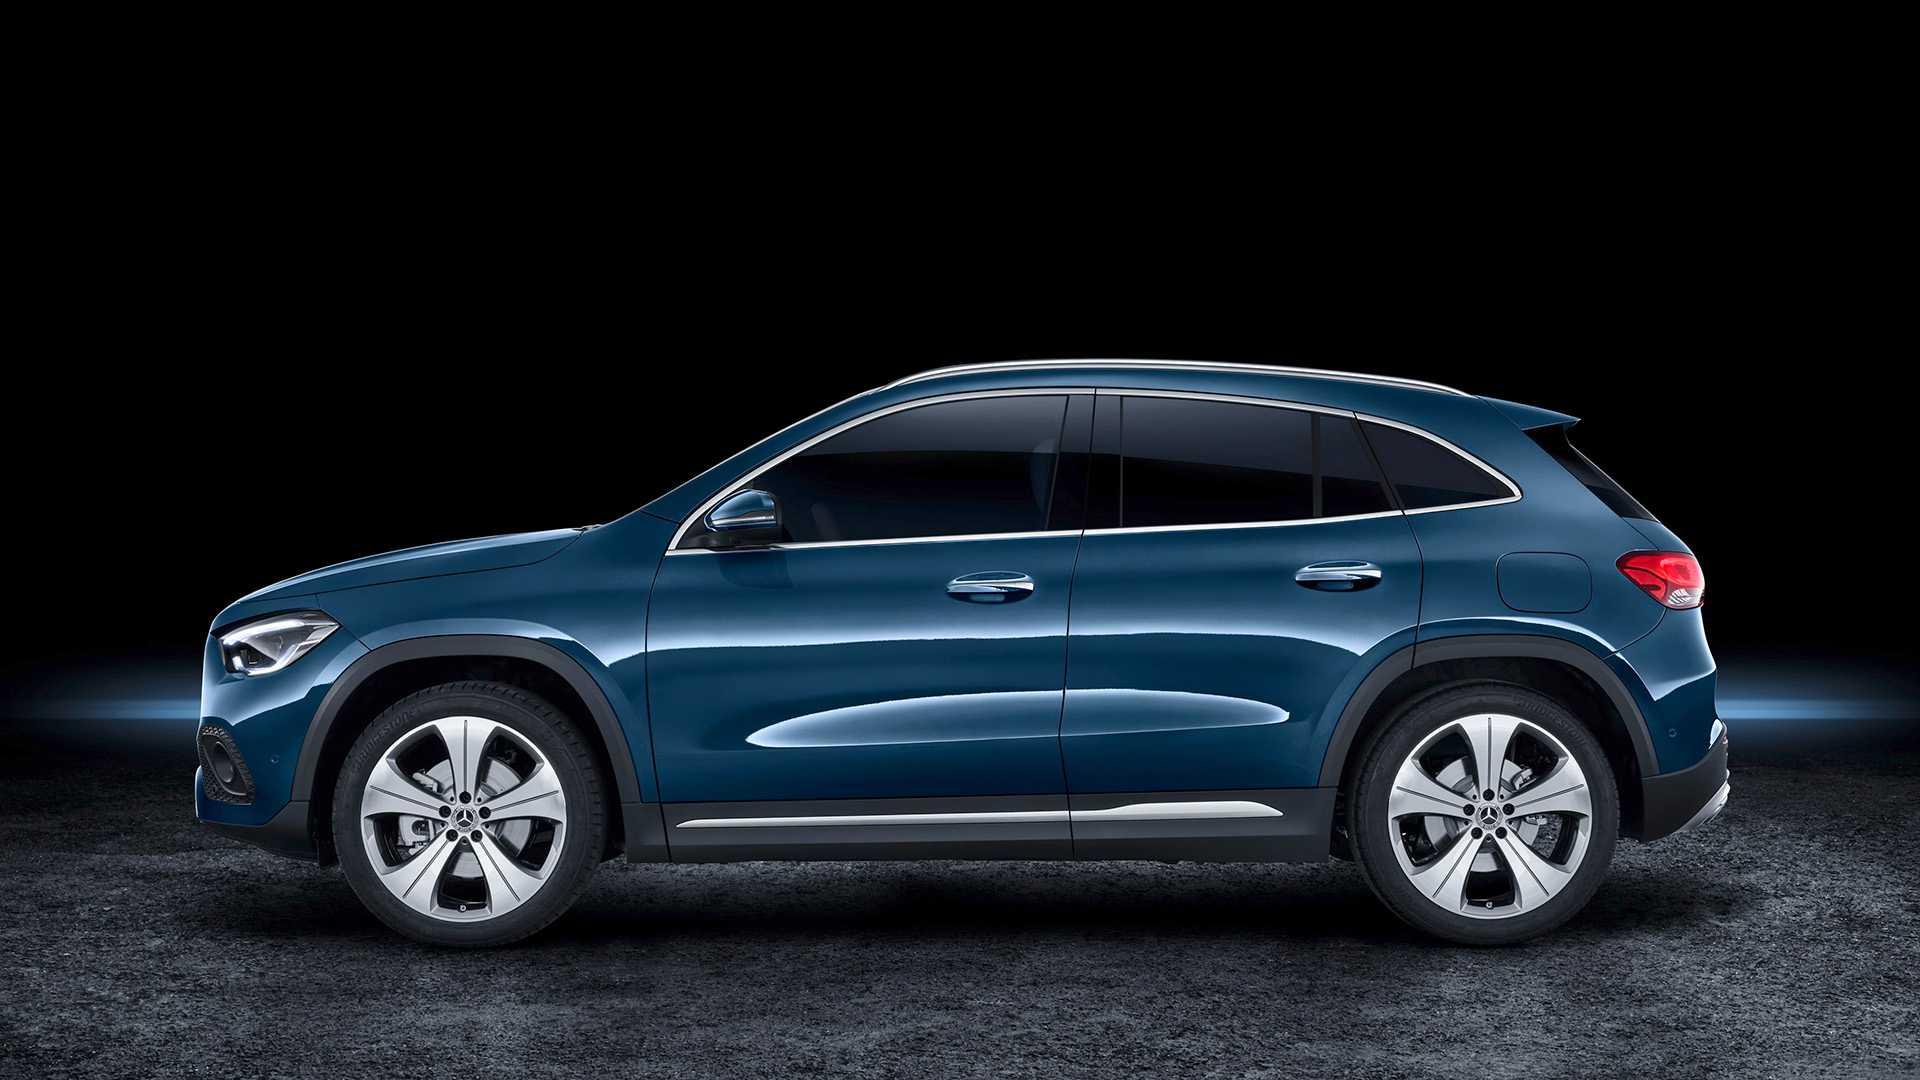 Ra mắt Mercedes-Benz GLA 2021 thế hệ mới, nhiều cải tiến đáng chú ý - 04